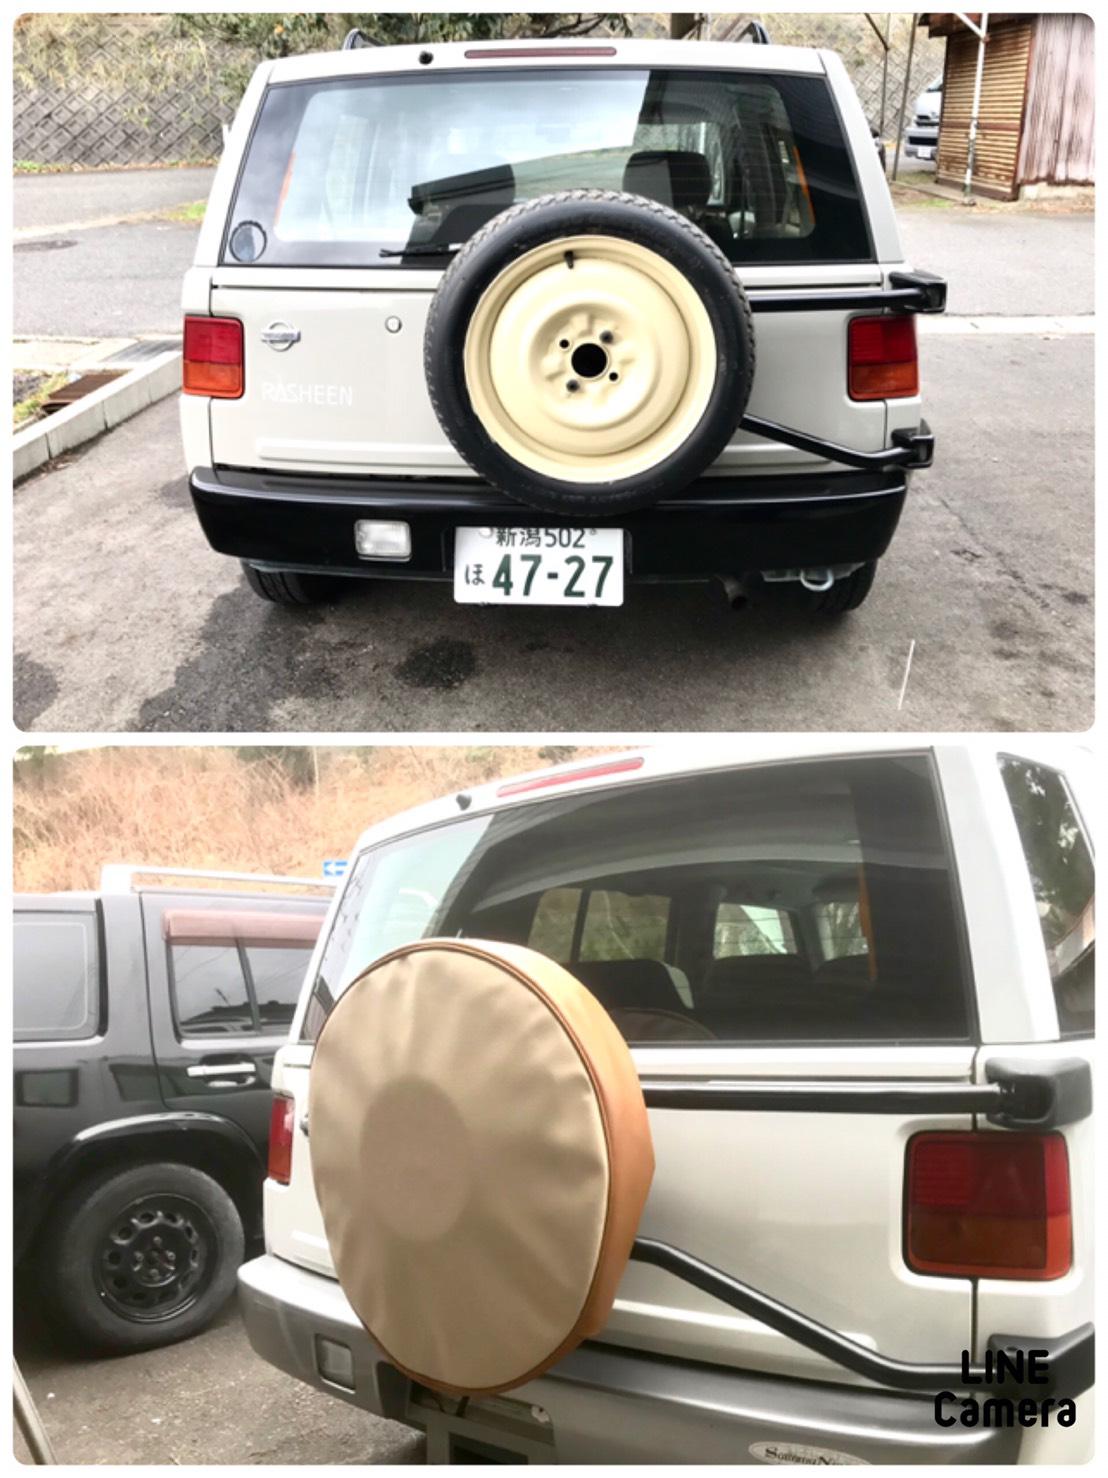 ラシーンの特徴でもある背面タイヤも塗装したりオリジナルタイヤカバーもお作りできます!<br /> 全体のアクセントにもなるので人気のオプションです☆